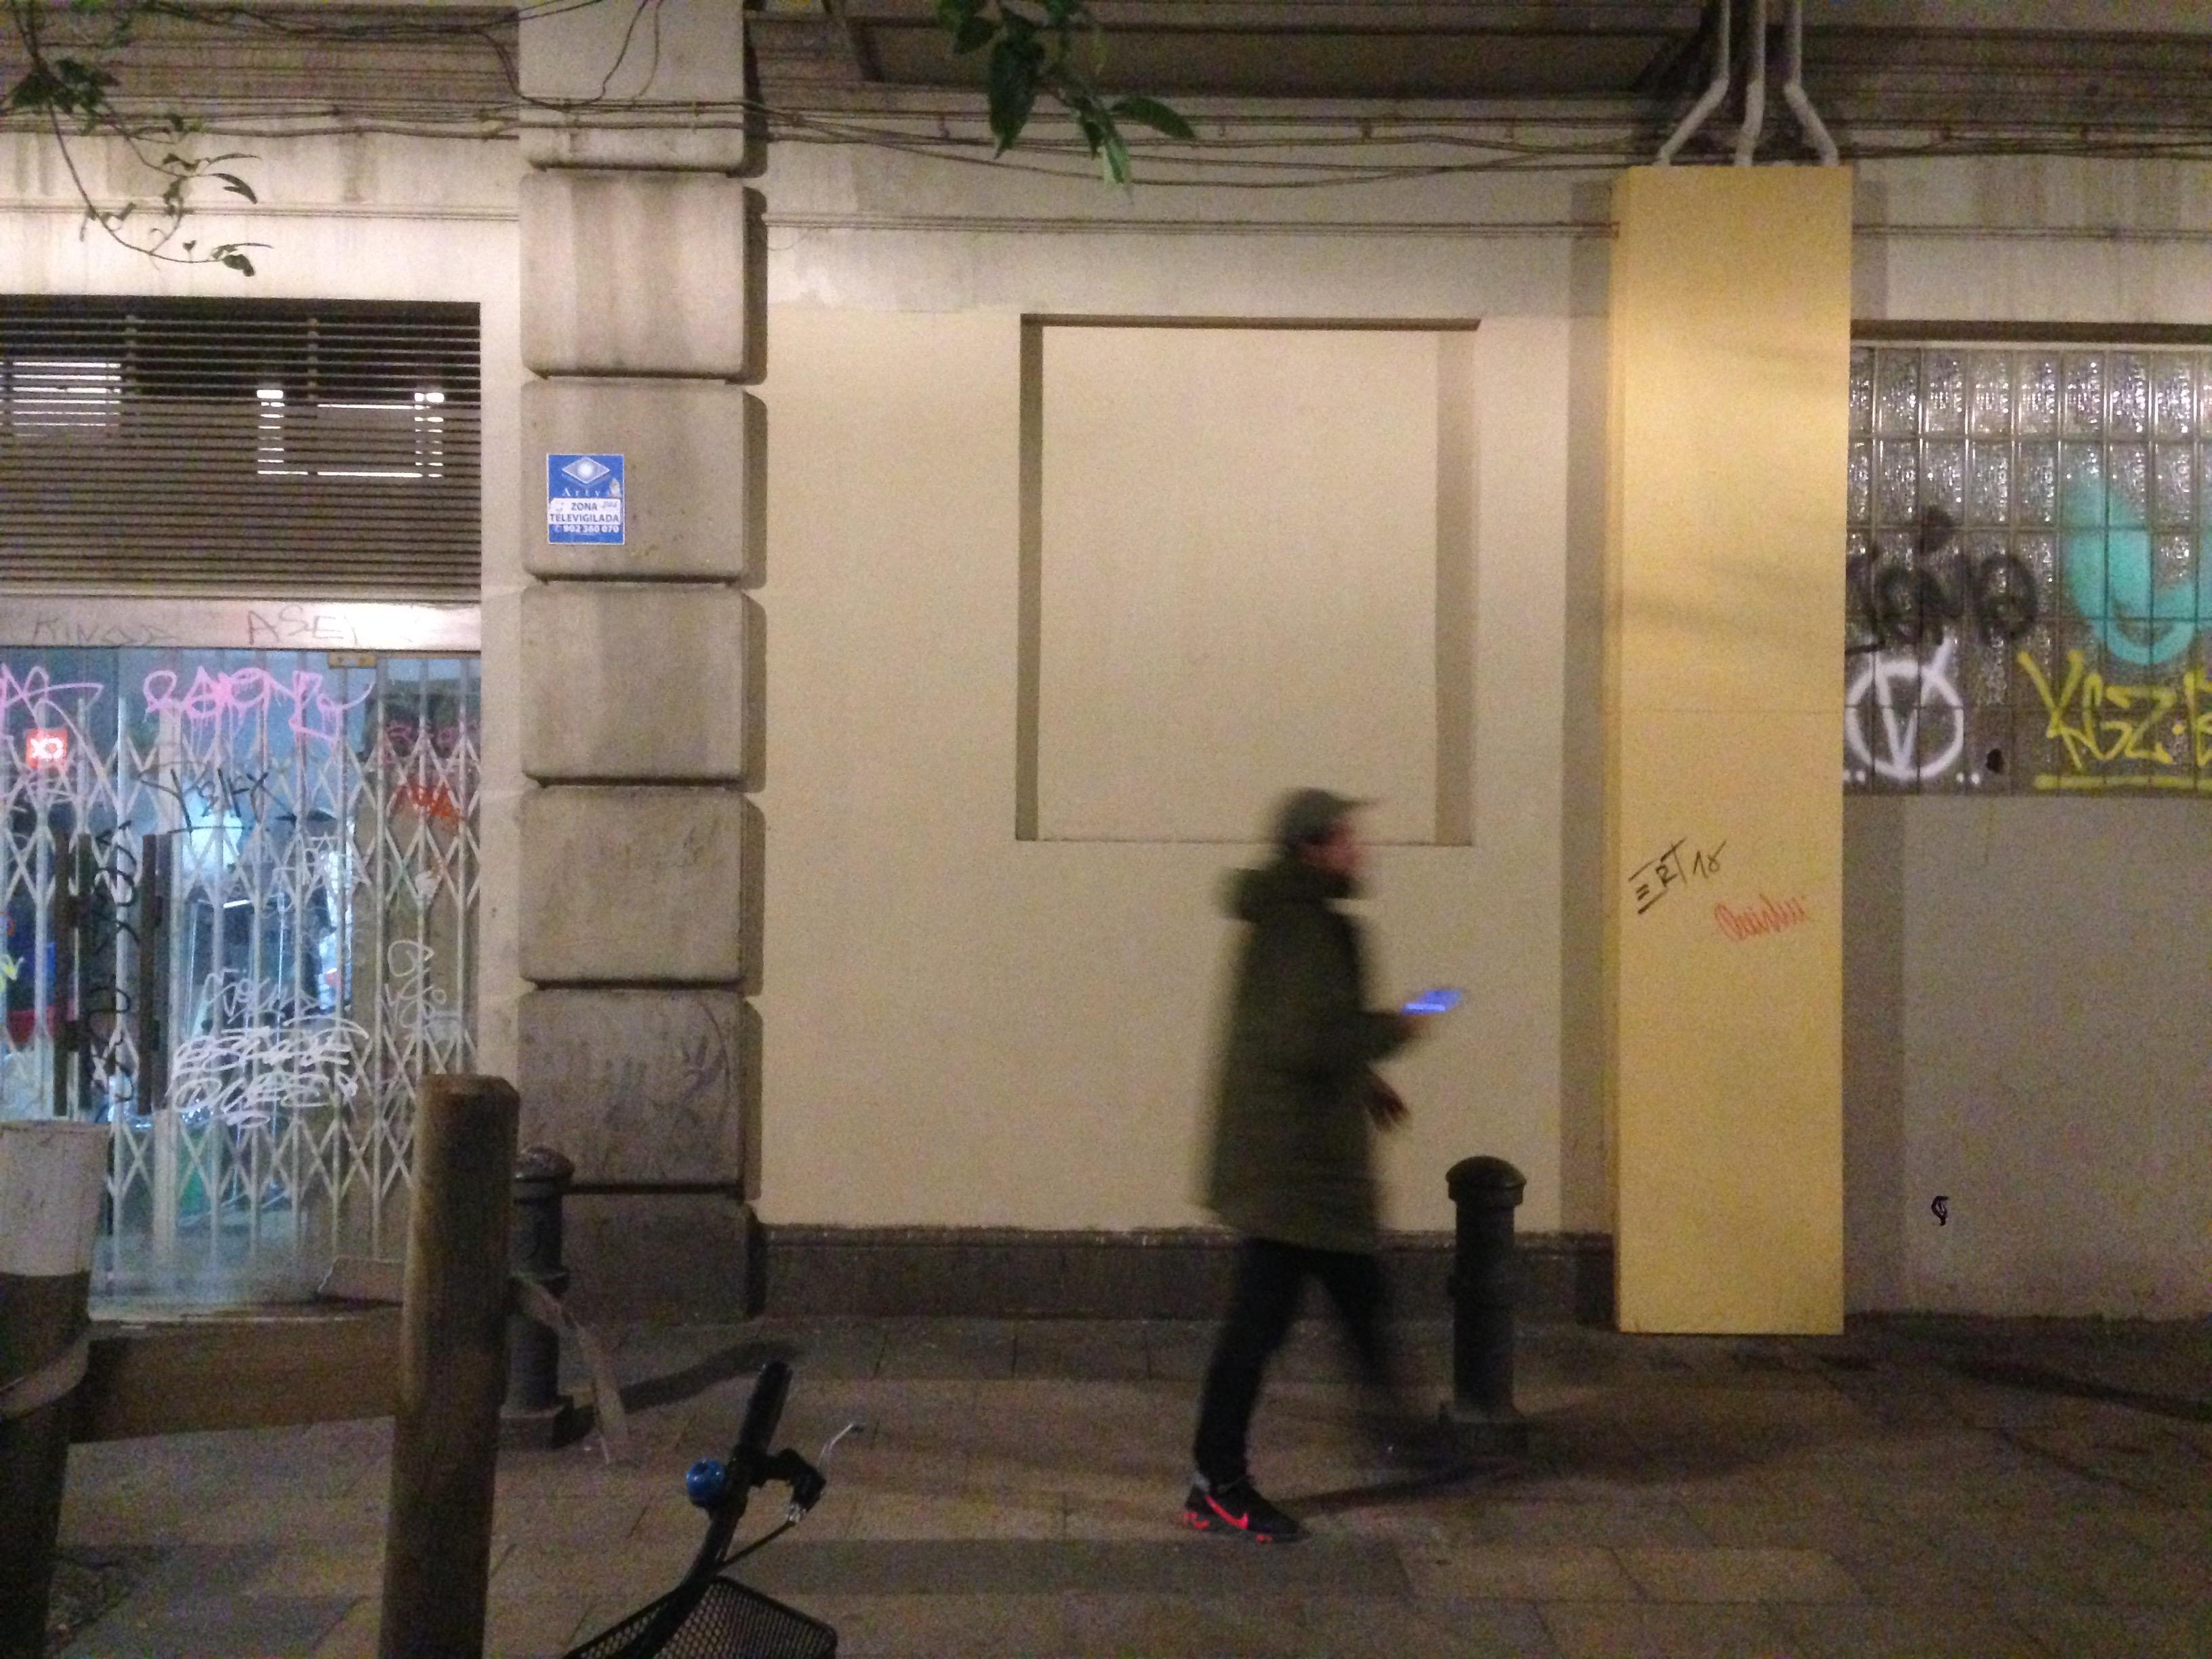 En la noche, nadie se da cuenta de que ha desaparecido el rastro del grafiti.